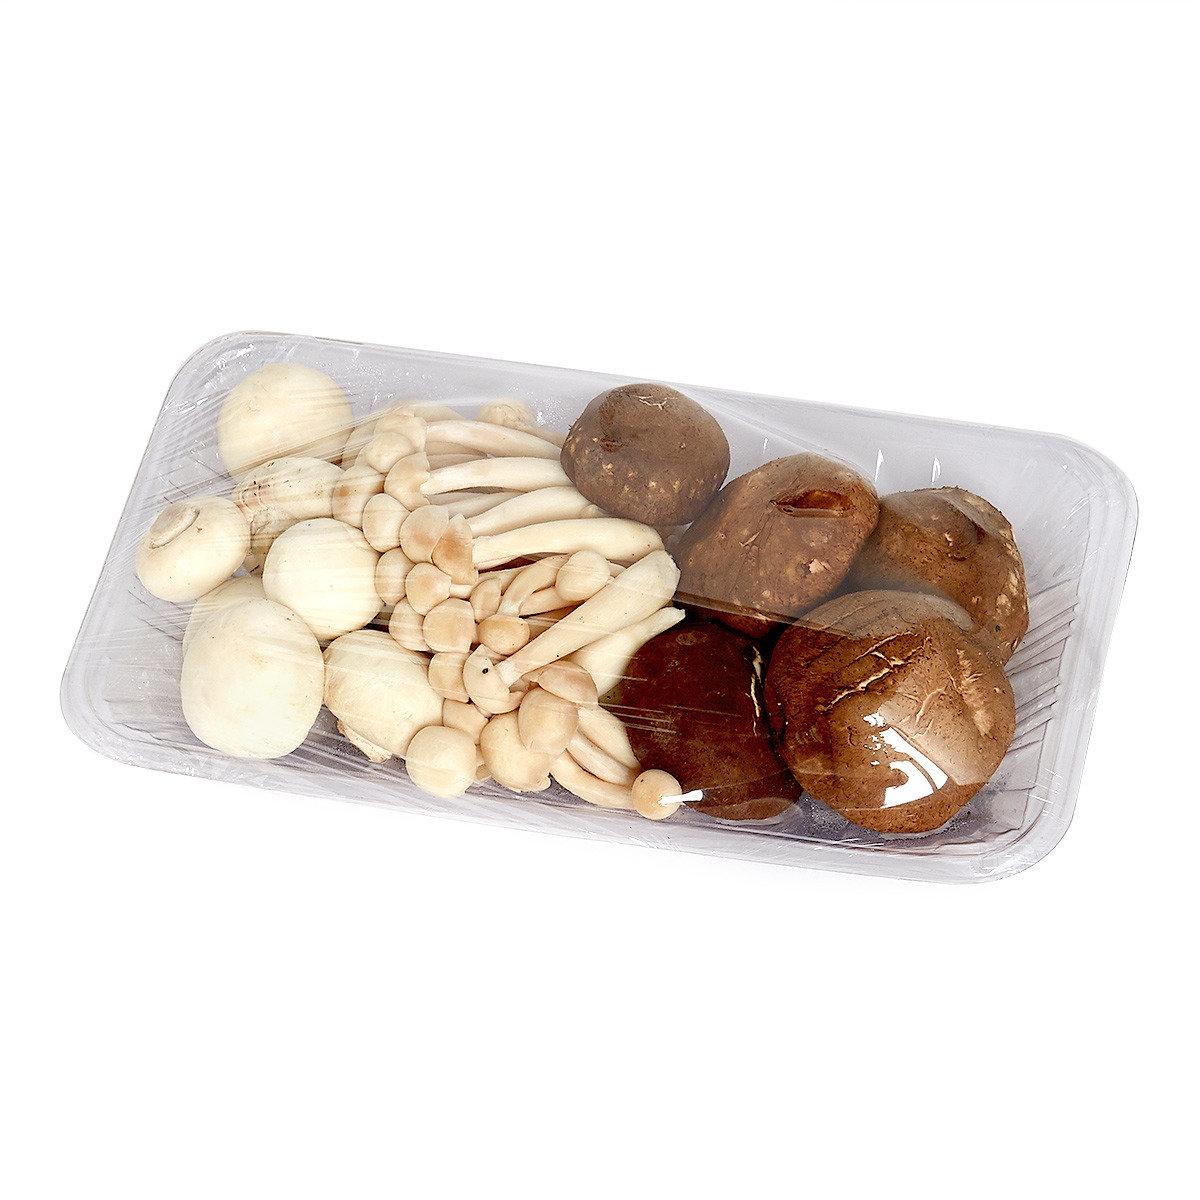 雜菇火鍋套餐A (約250-350克)